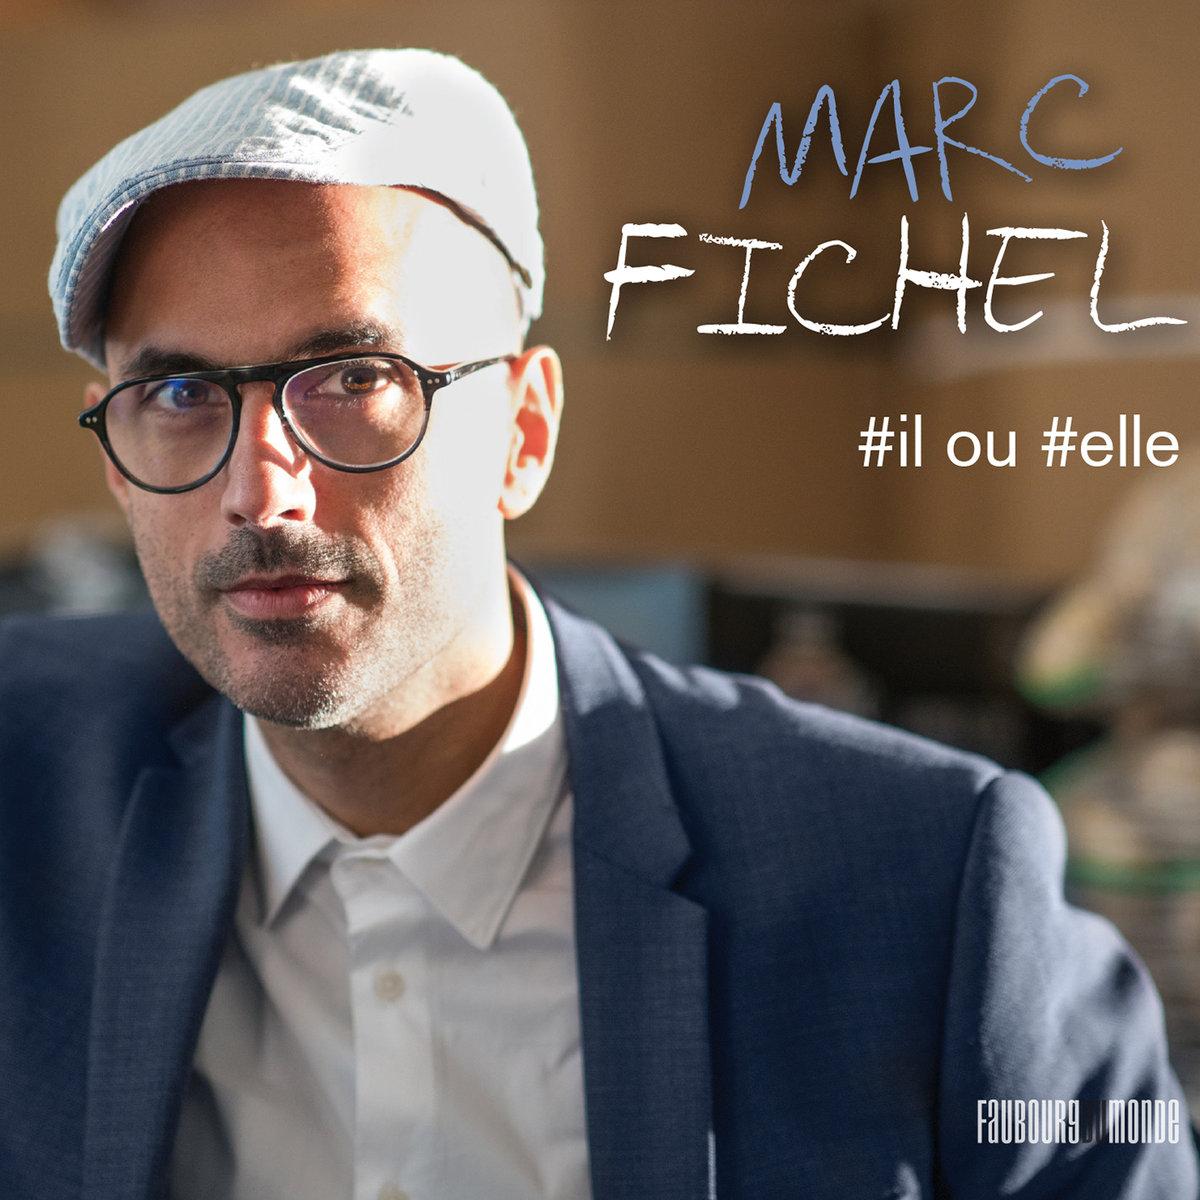 Marc Fichel image pochette cover EP #il ou #elle musique